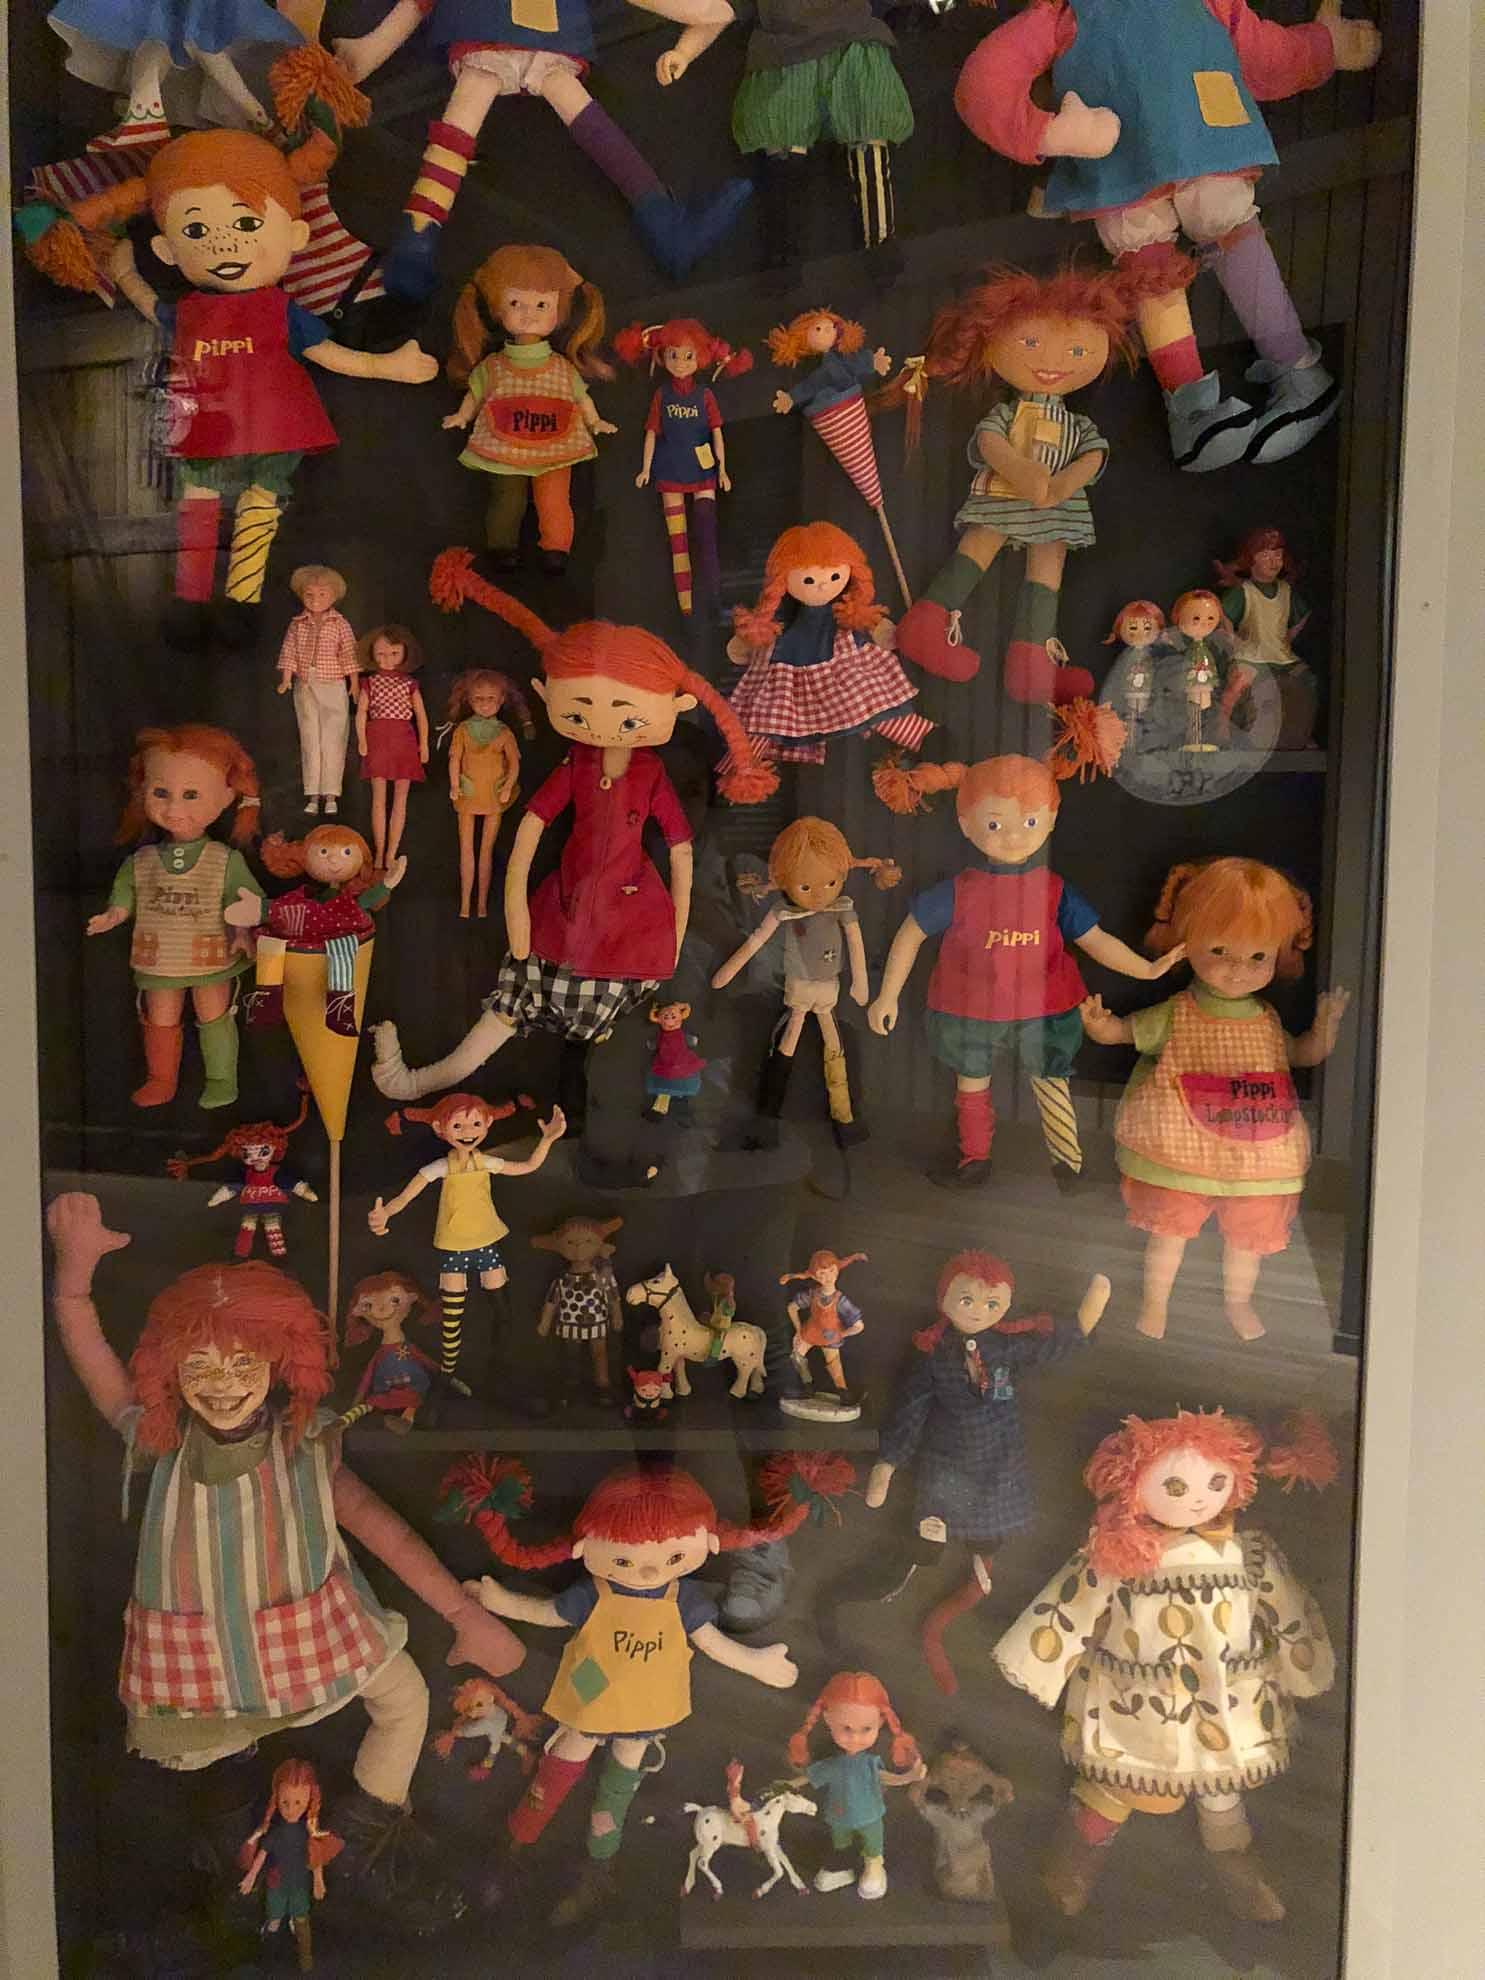 Michels geschnitzte Figuren und weitere Puppen erinnern an ihre Charaktere aus den weltbekannten Kinderbüchern.